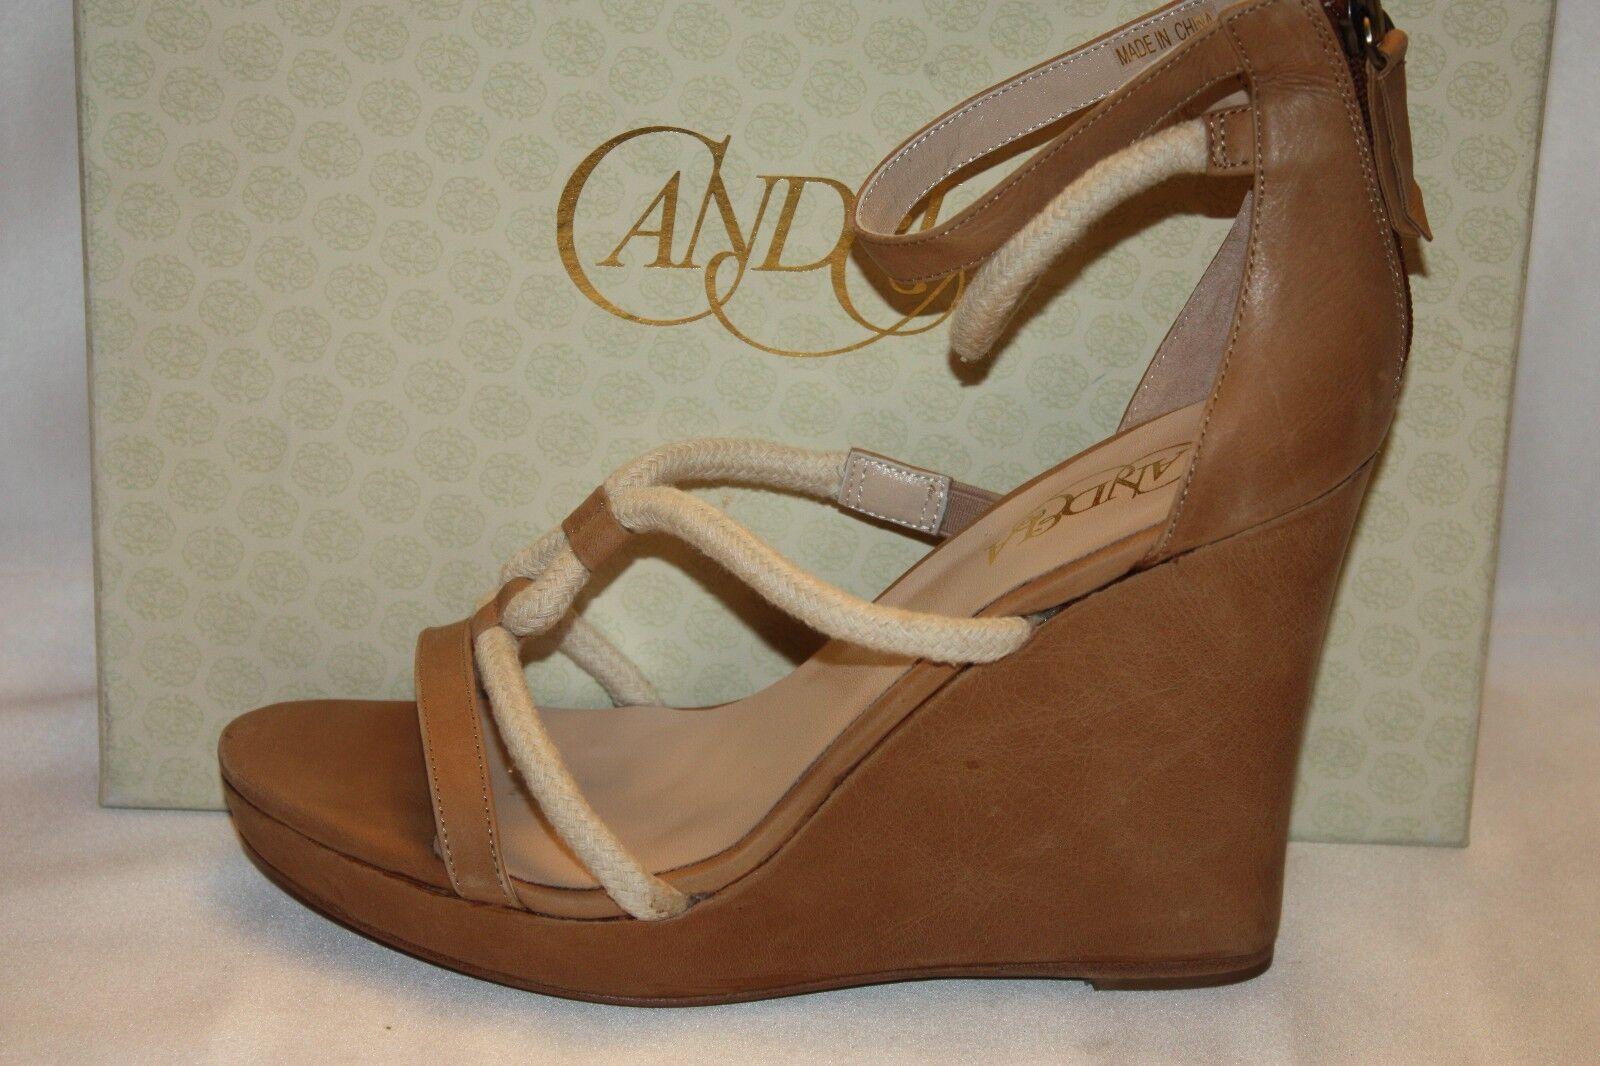 NEU  NIB  CANDELA Natural Tan Leder Rope Ankle Strap Wedge Sandales 9.5 265